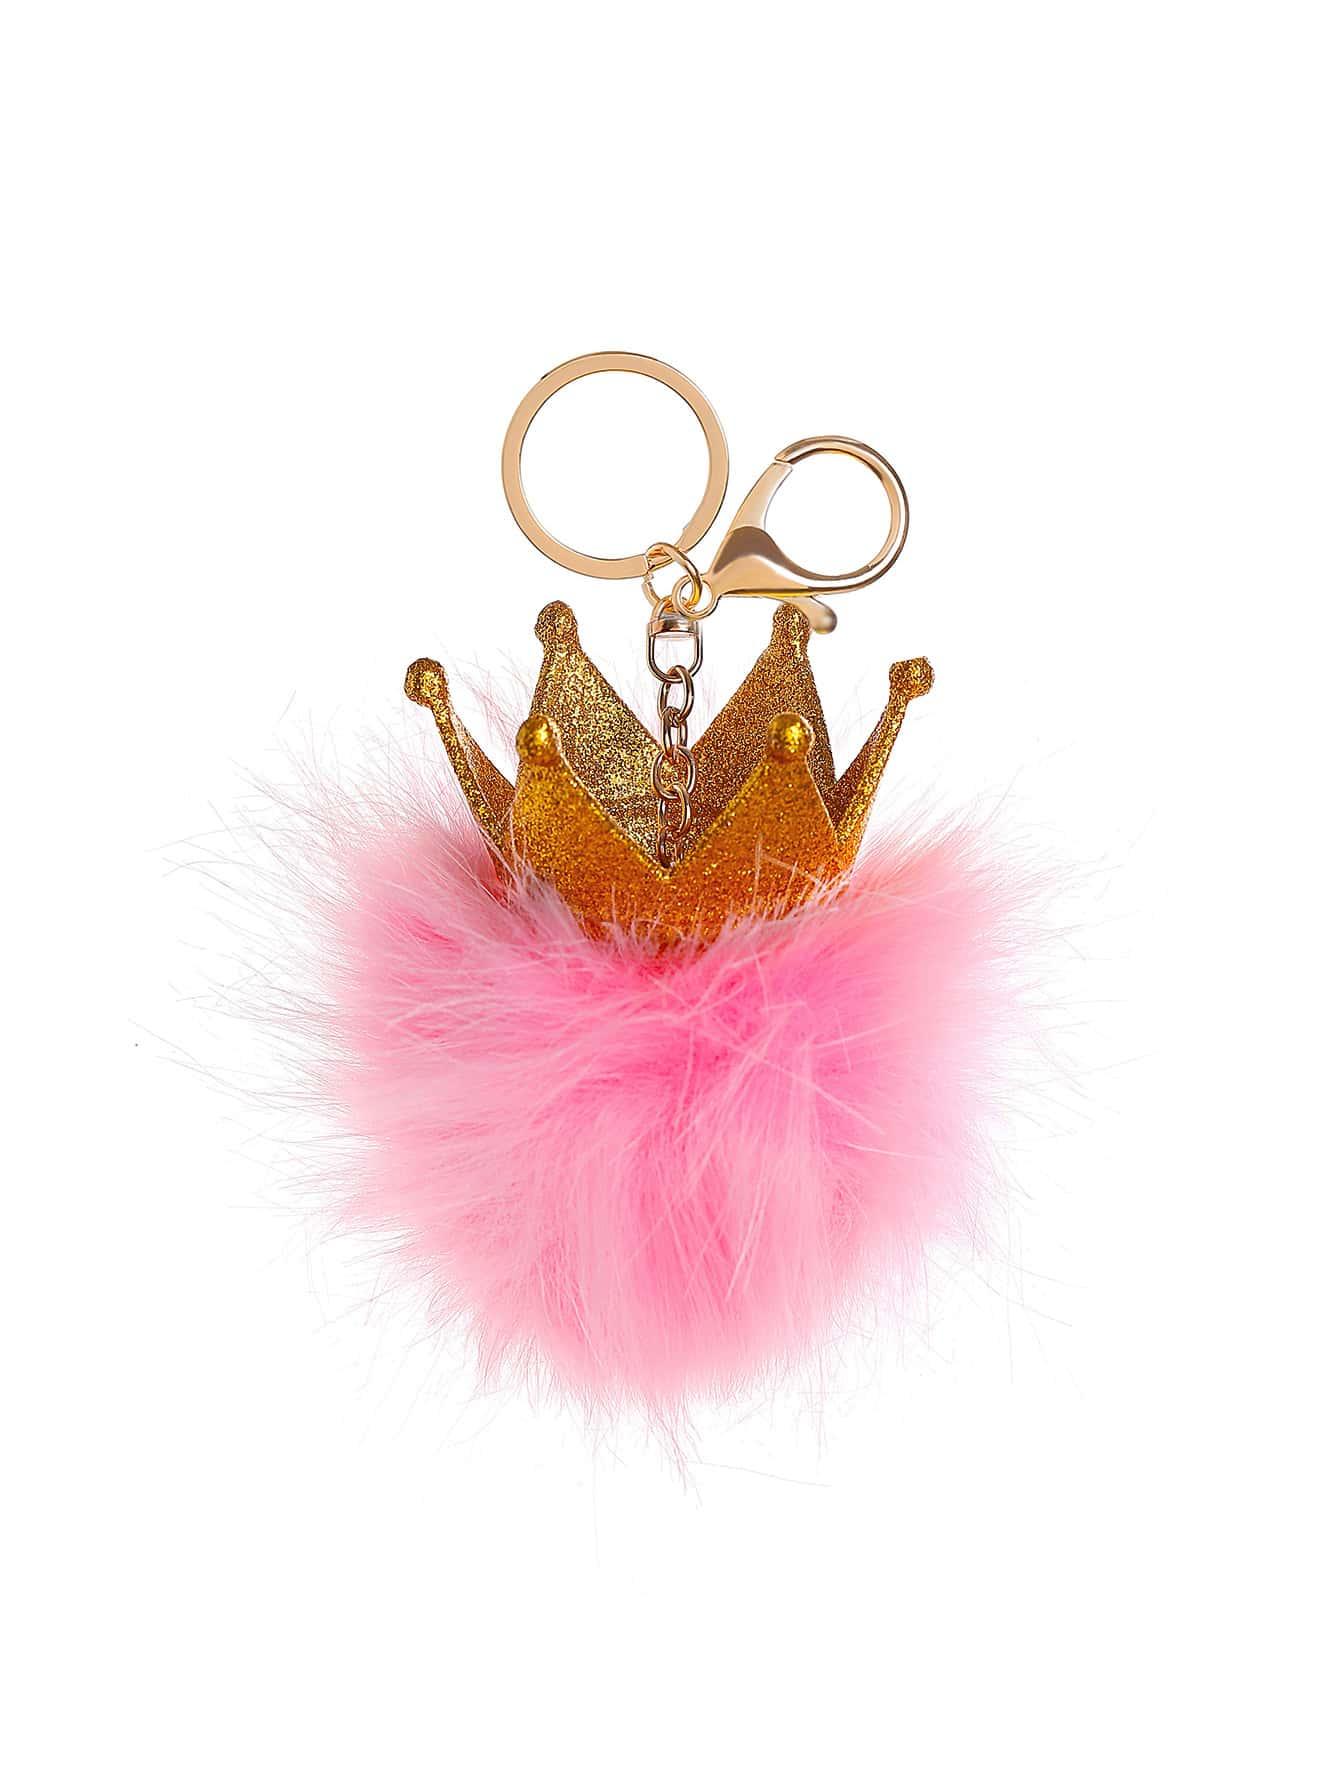 Crown Detail Keychain With Pom Pom